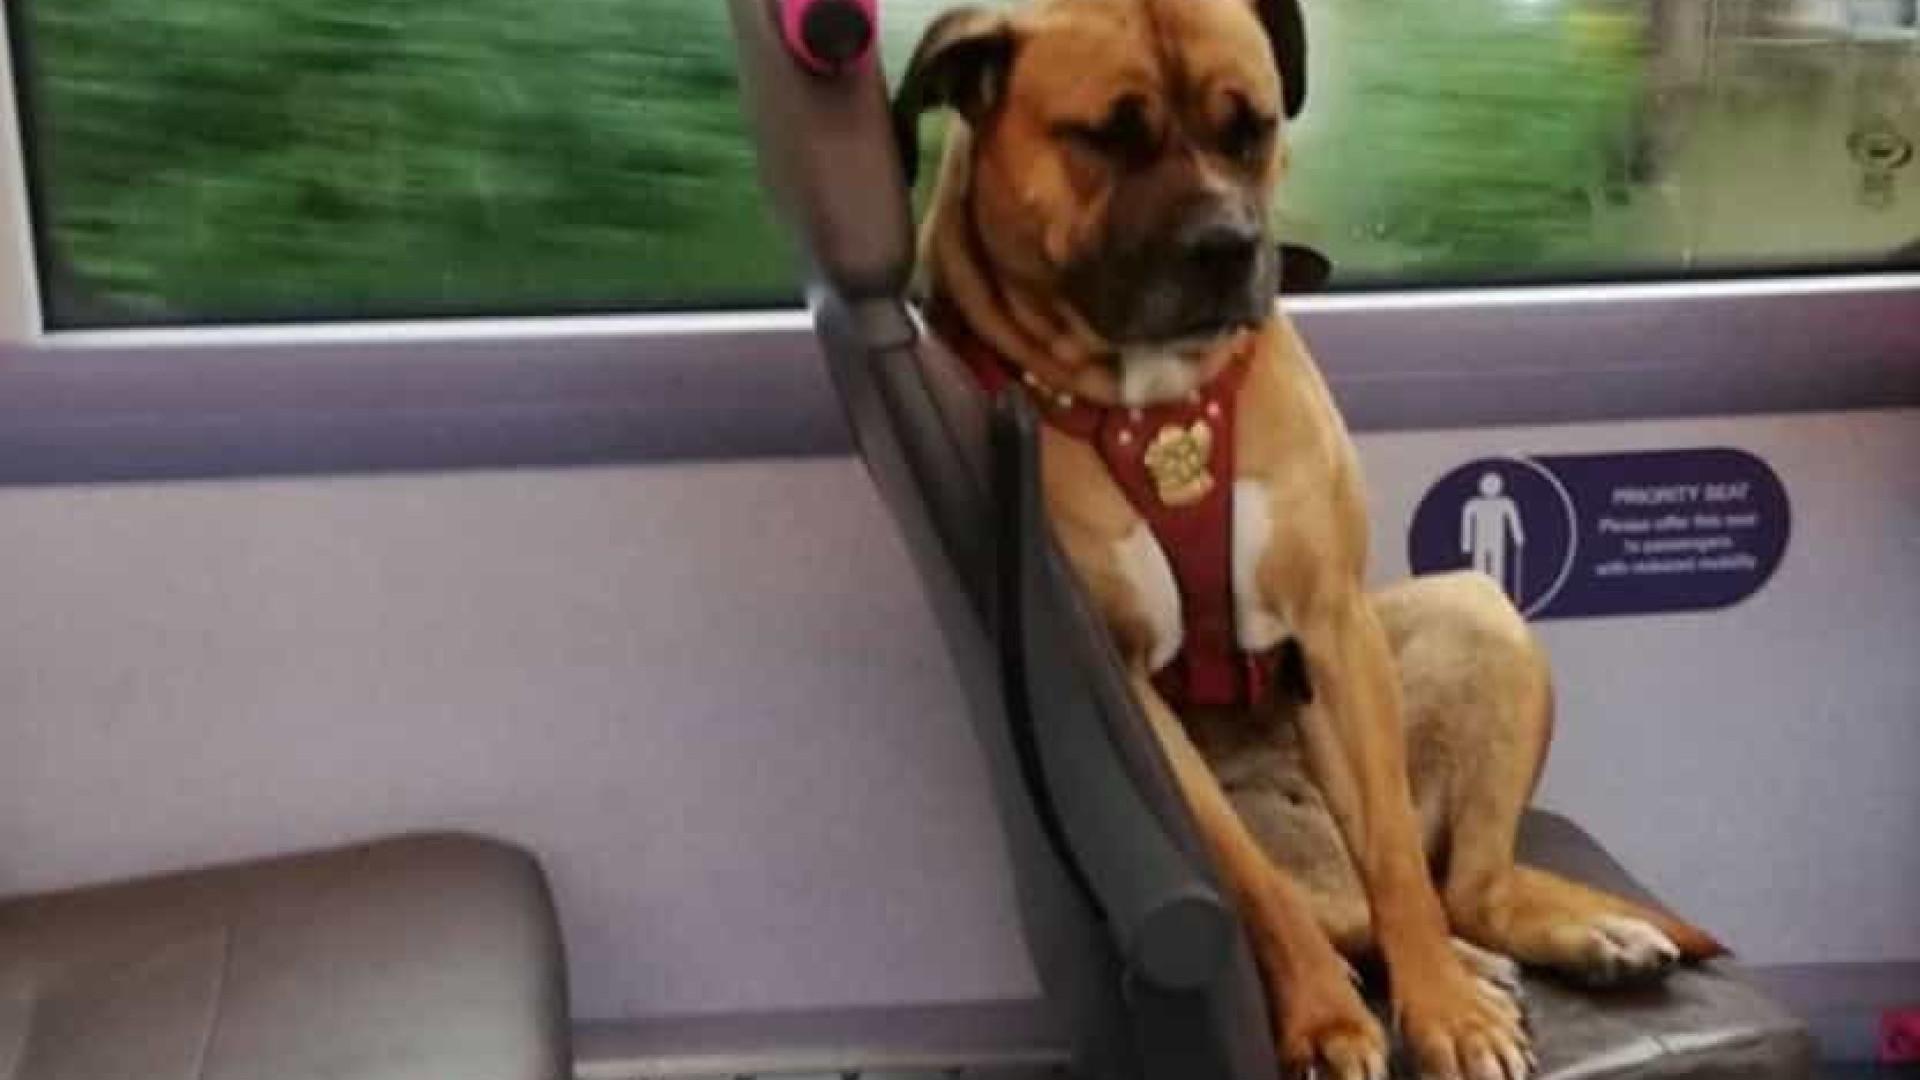 Imagem de cadela sentada em ônibus é viral. Donos não apareceram